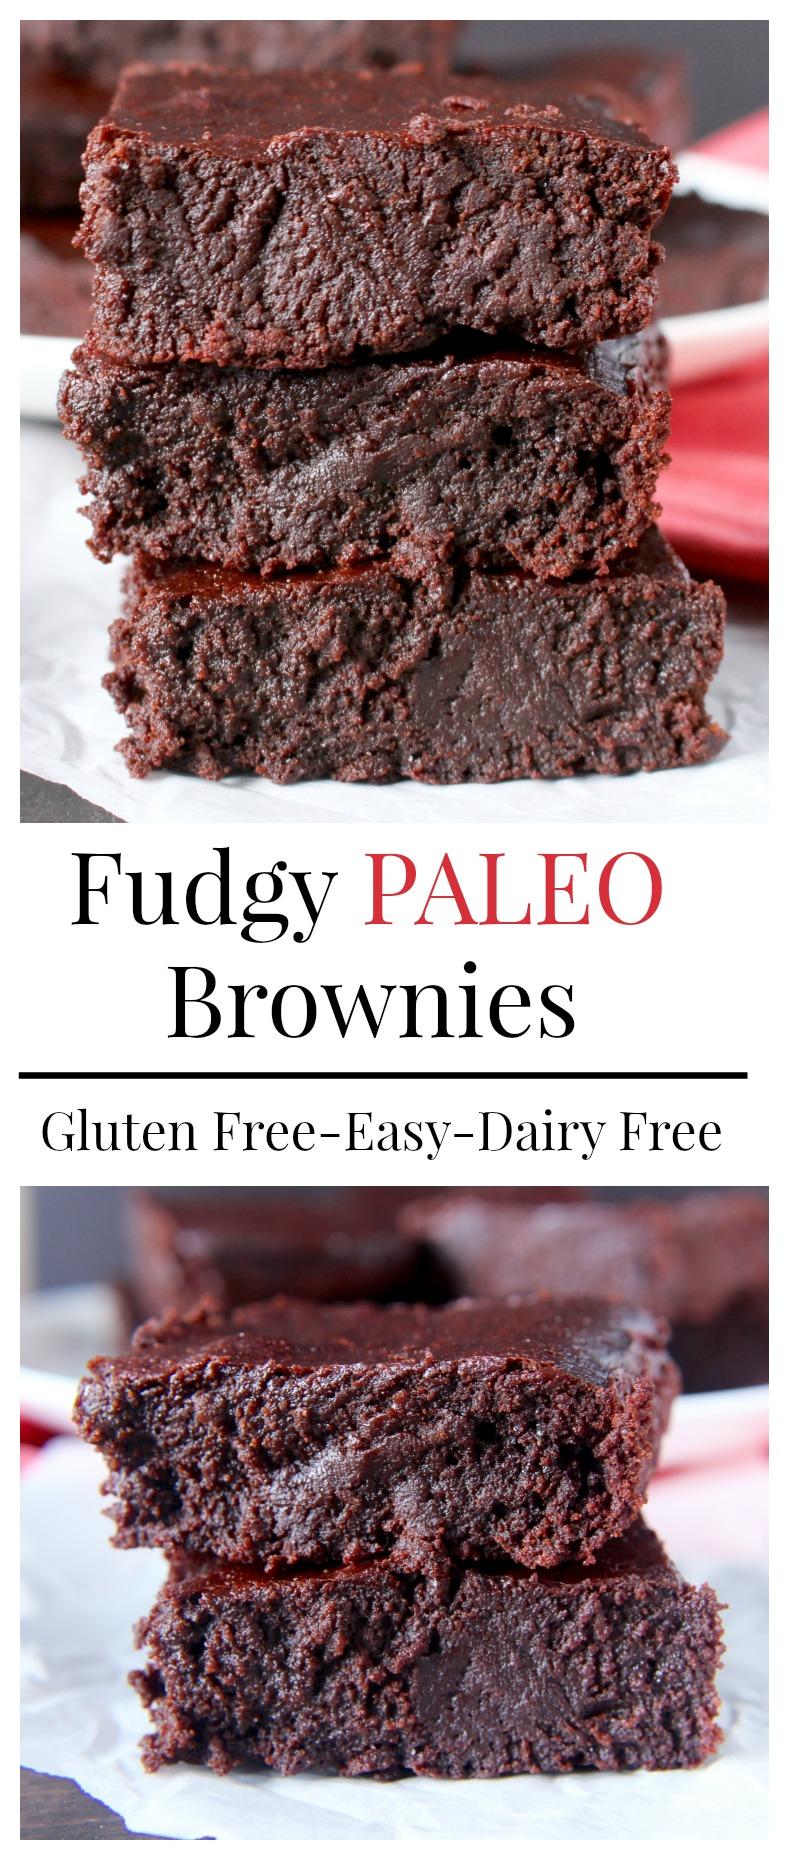 Fudgy Paleo Brownies